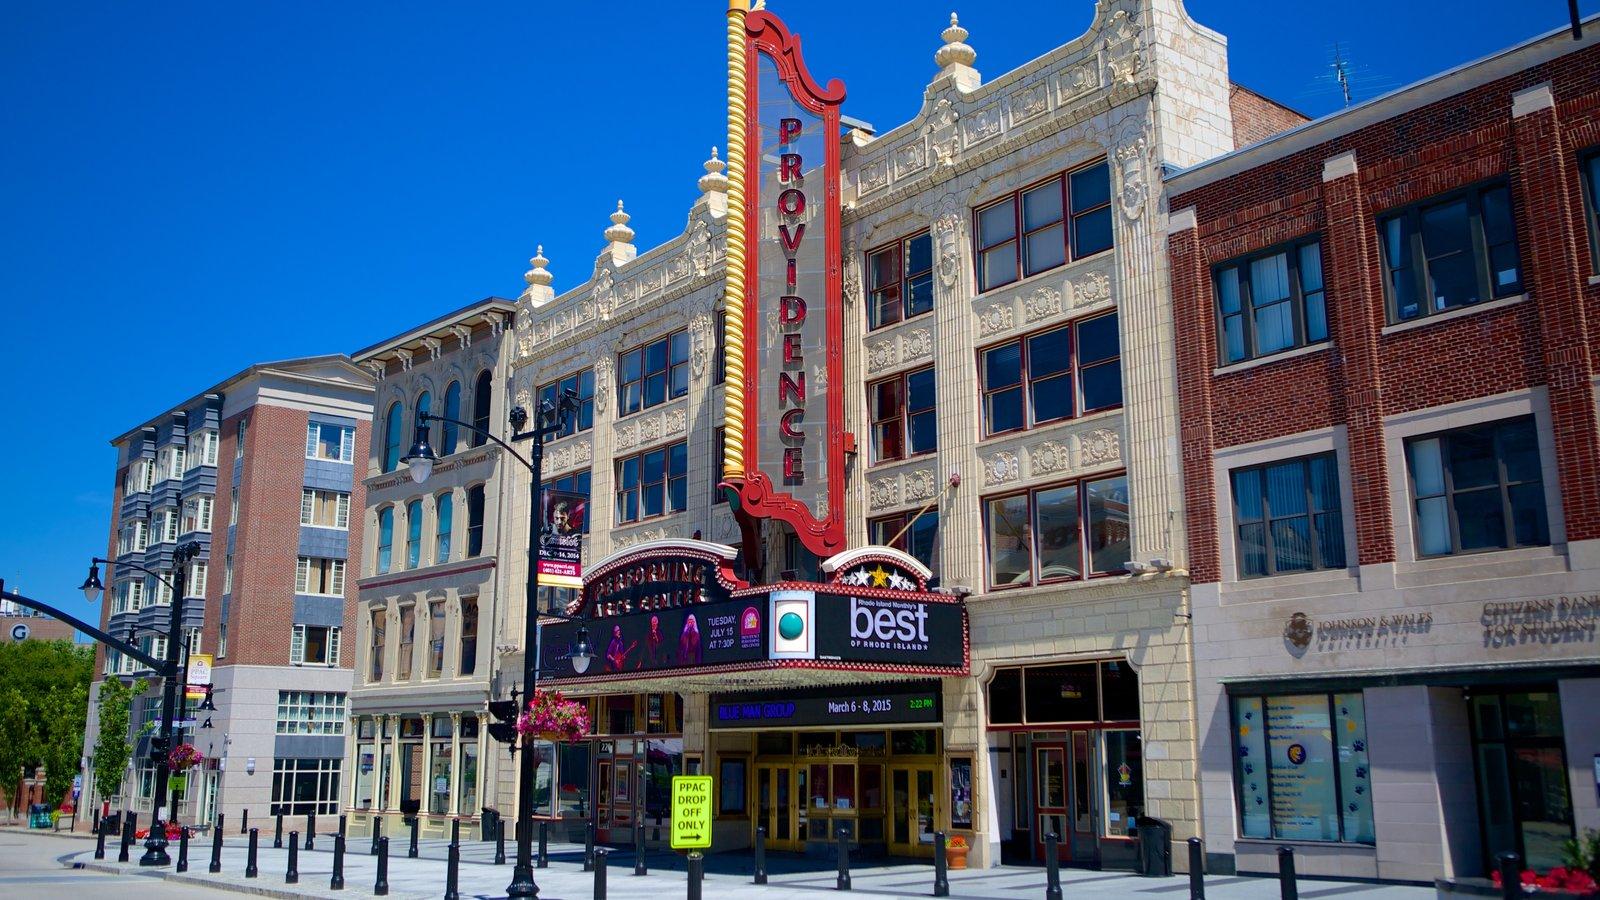 Providence Performing Arts Center que incluye escenas urbanas